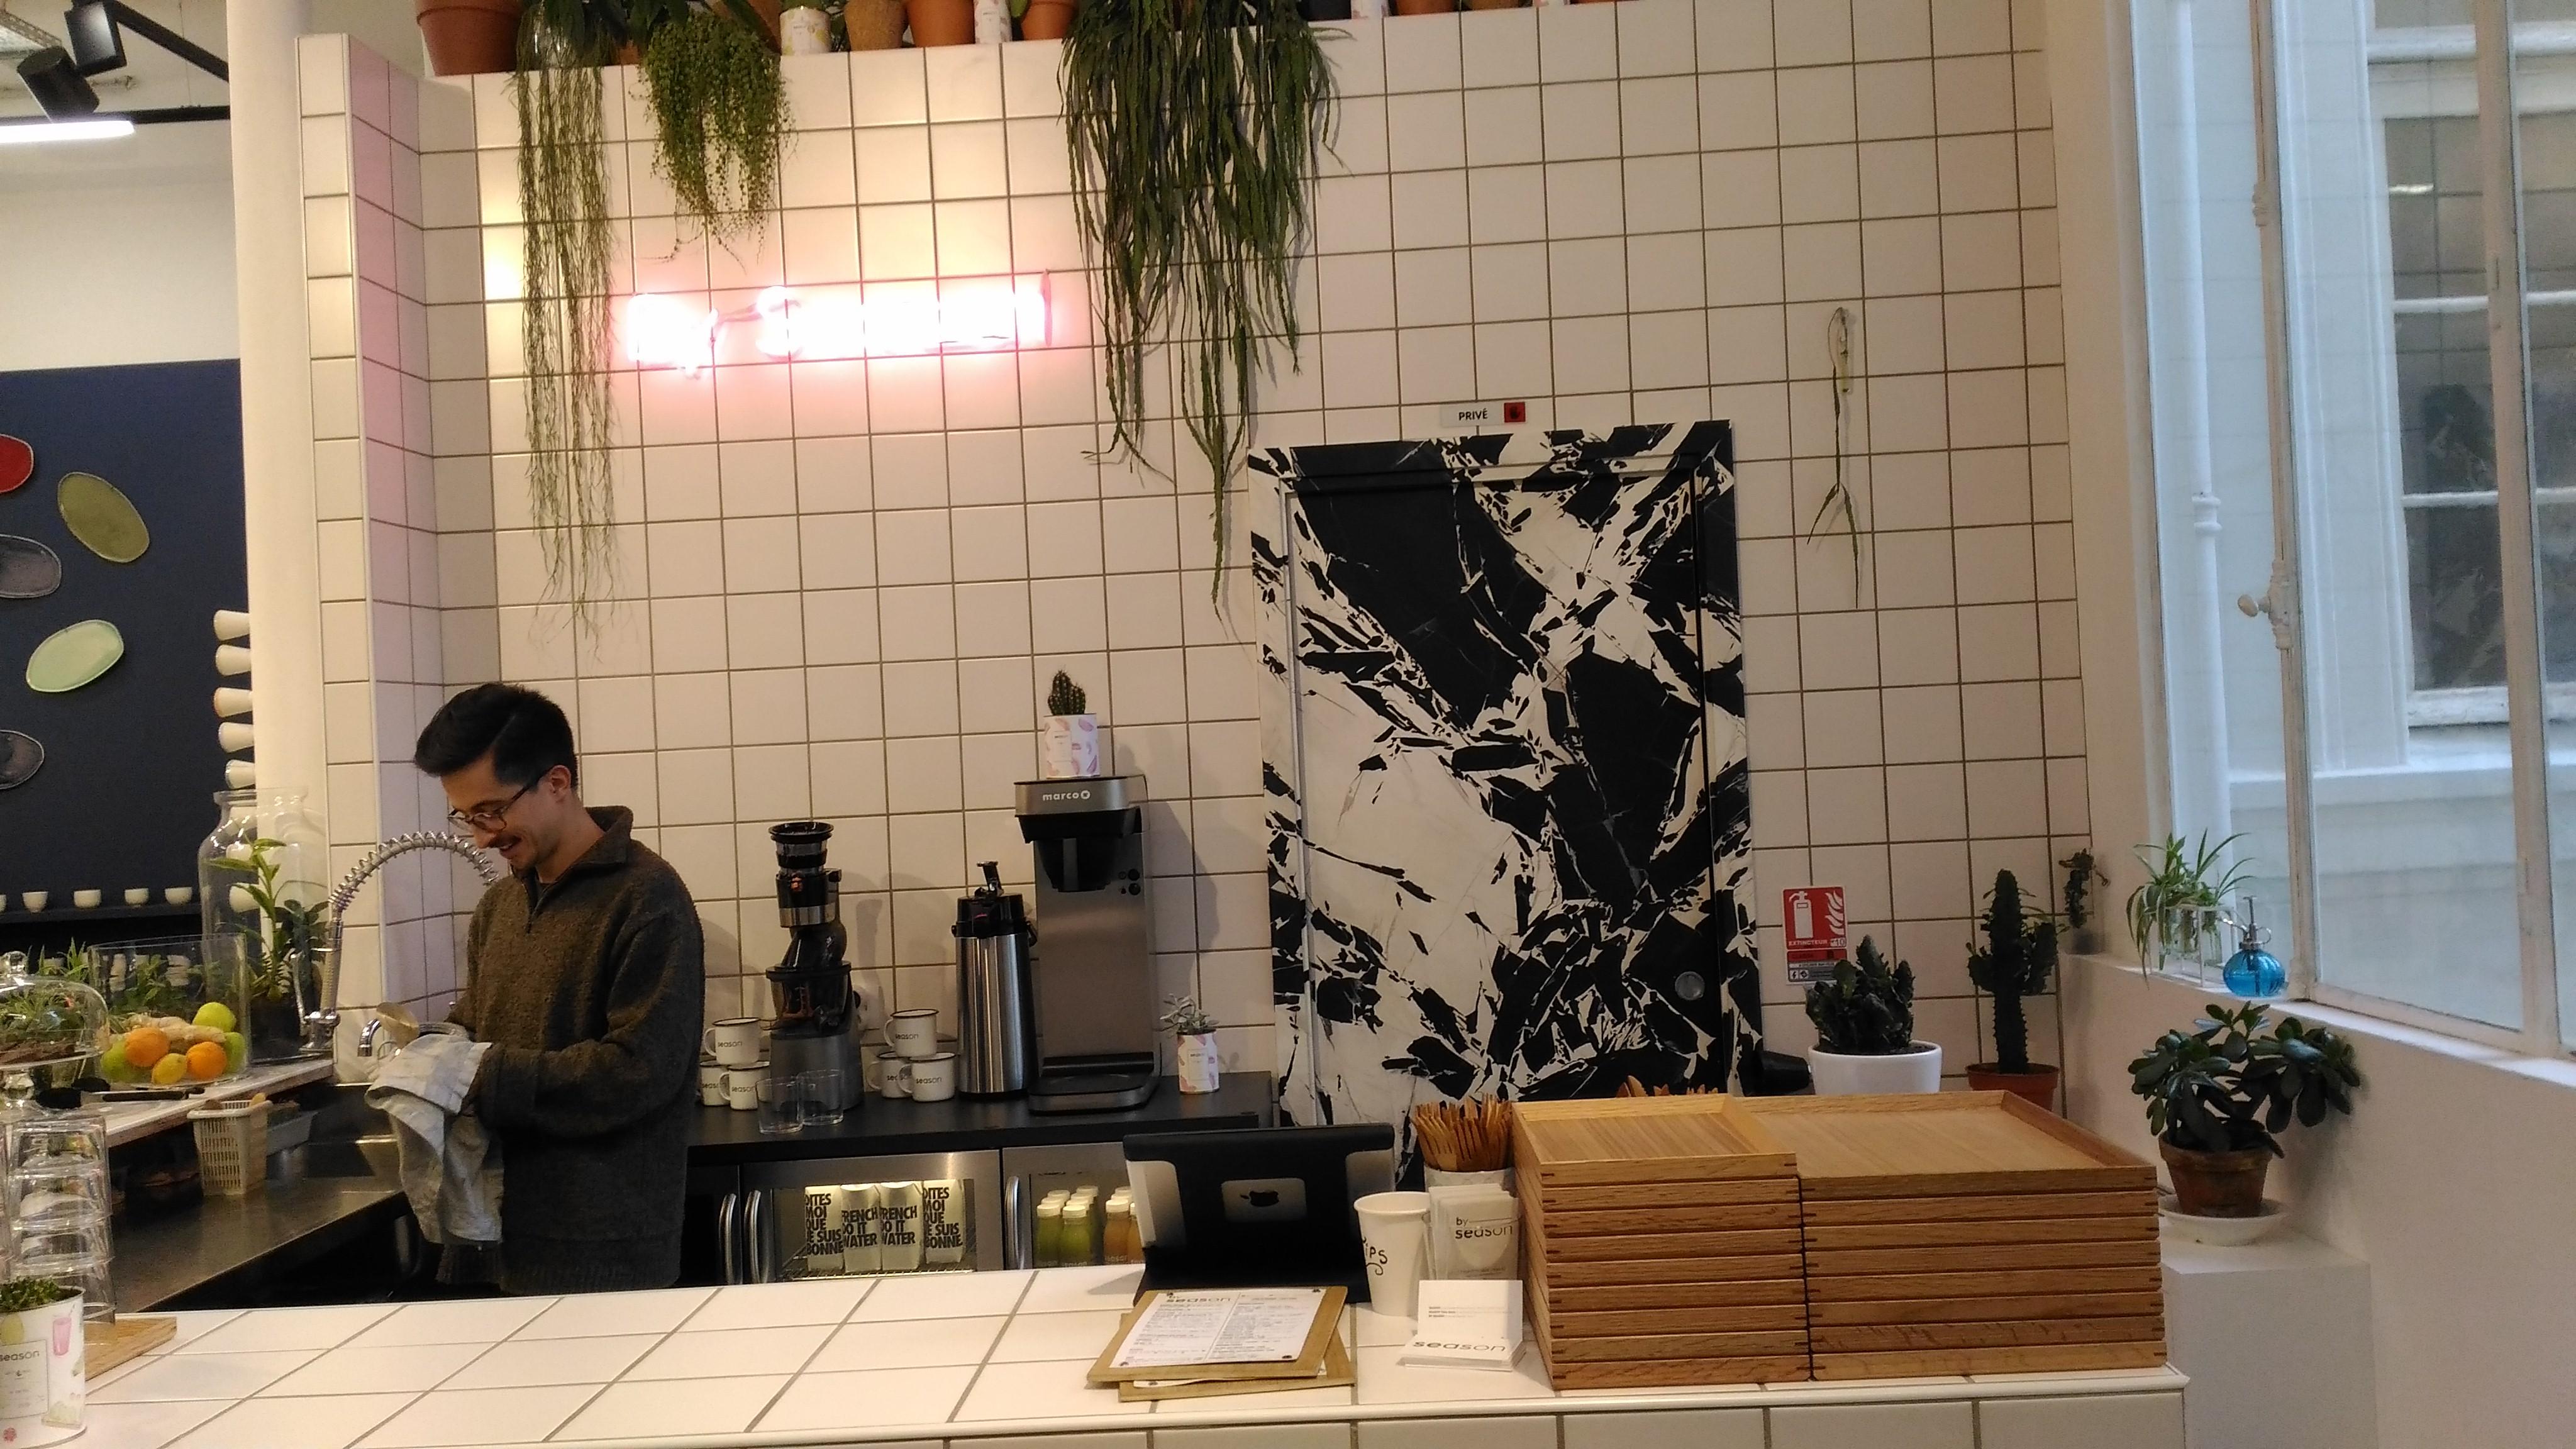 empreintes art concept store 5 rue de picardie 75003 paris my parisian lifemy parisian life. Black Bedroom Furniture Sets. Home Design Ideas